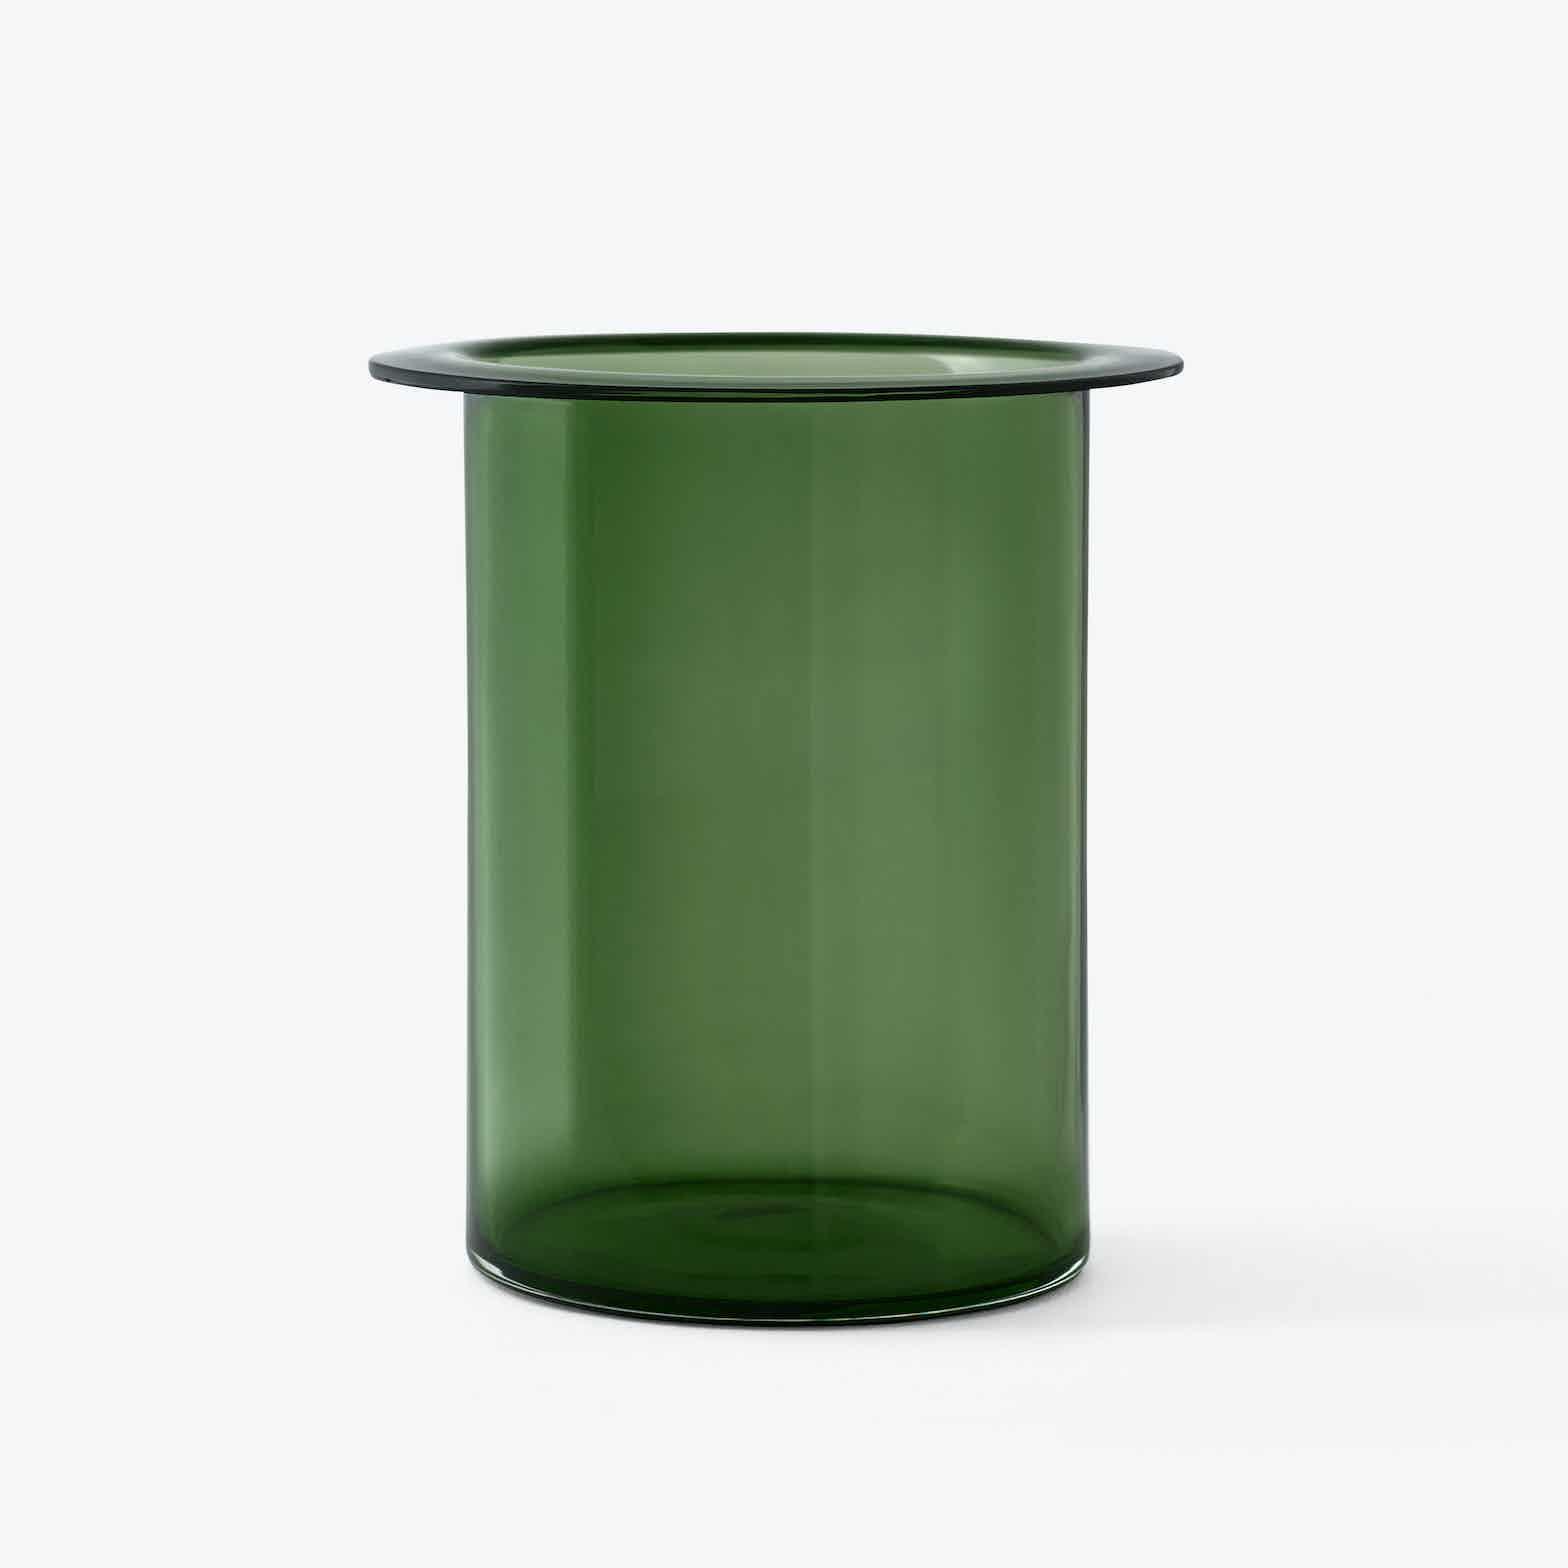 Andtradition Tricolore Vase Interior Haute Living